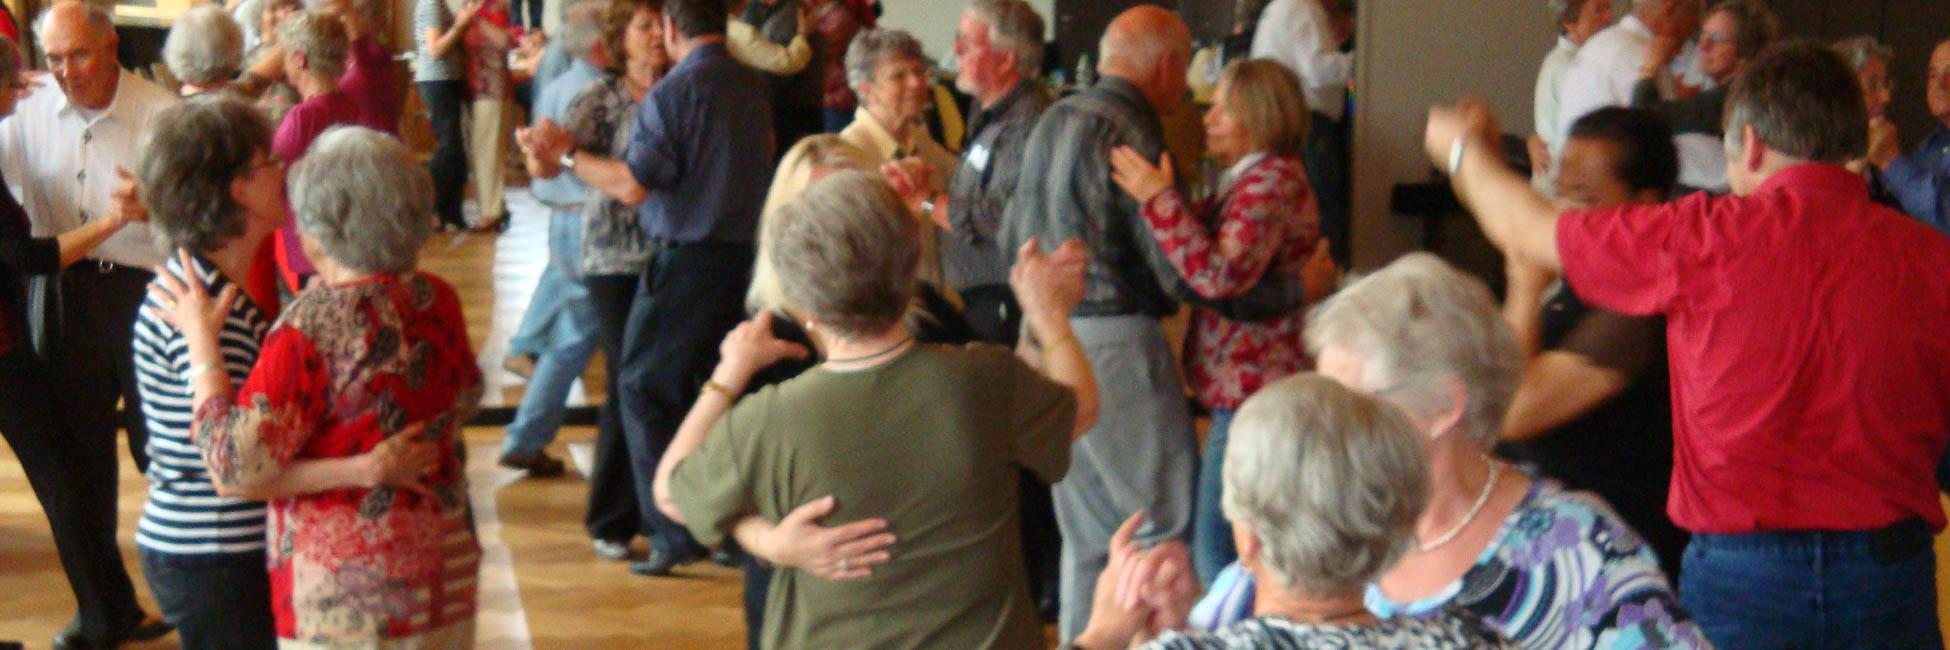 Reformierte Kirchgemeinde Wohlen bei Bern - Seniorinnen